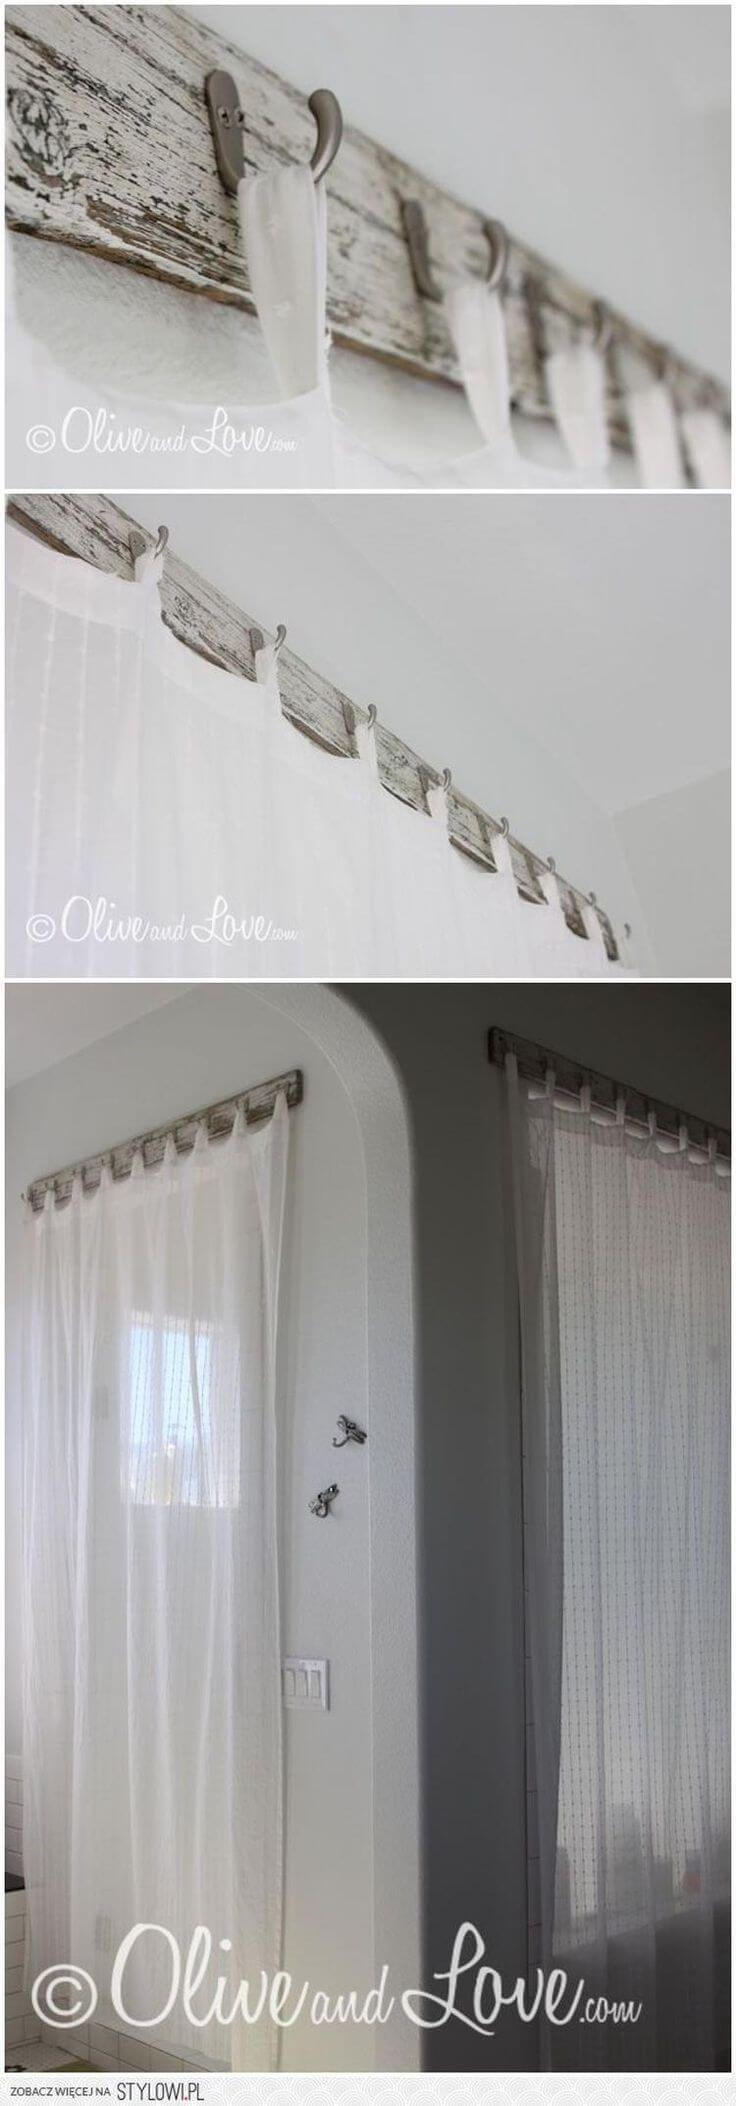 35 + DIY Fenster Behandlung Ideen, die Ihr Zuhause verwandeln werden - Dekoration ideen #zuhausediy